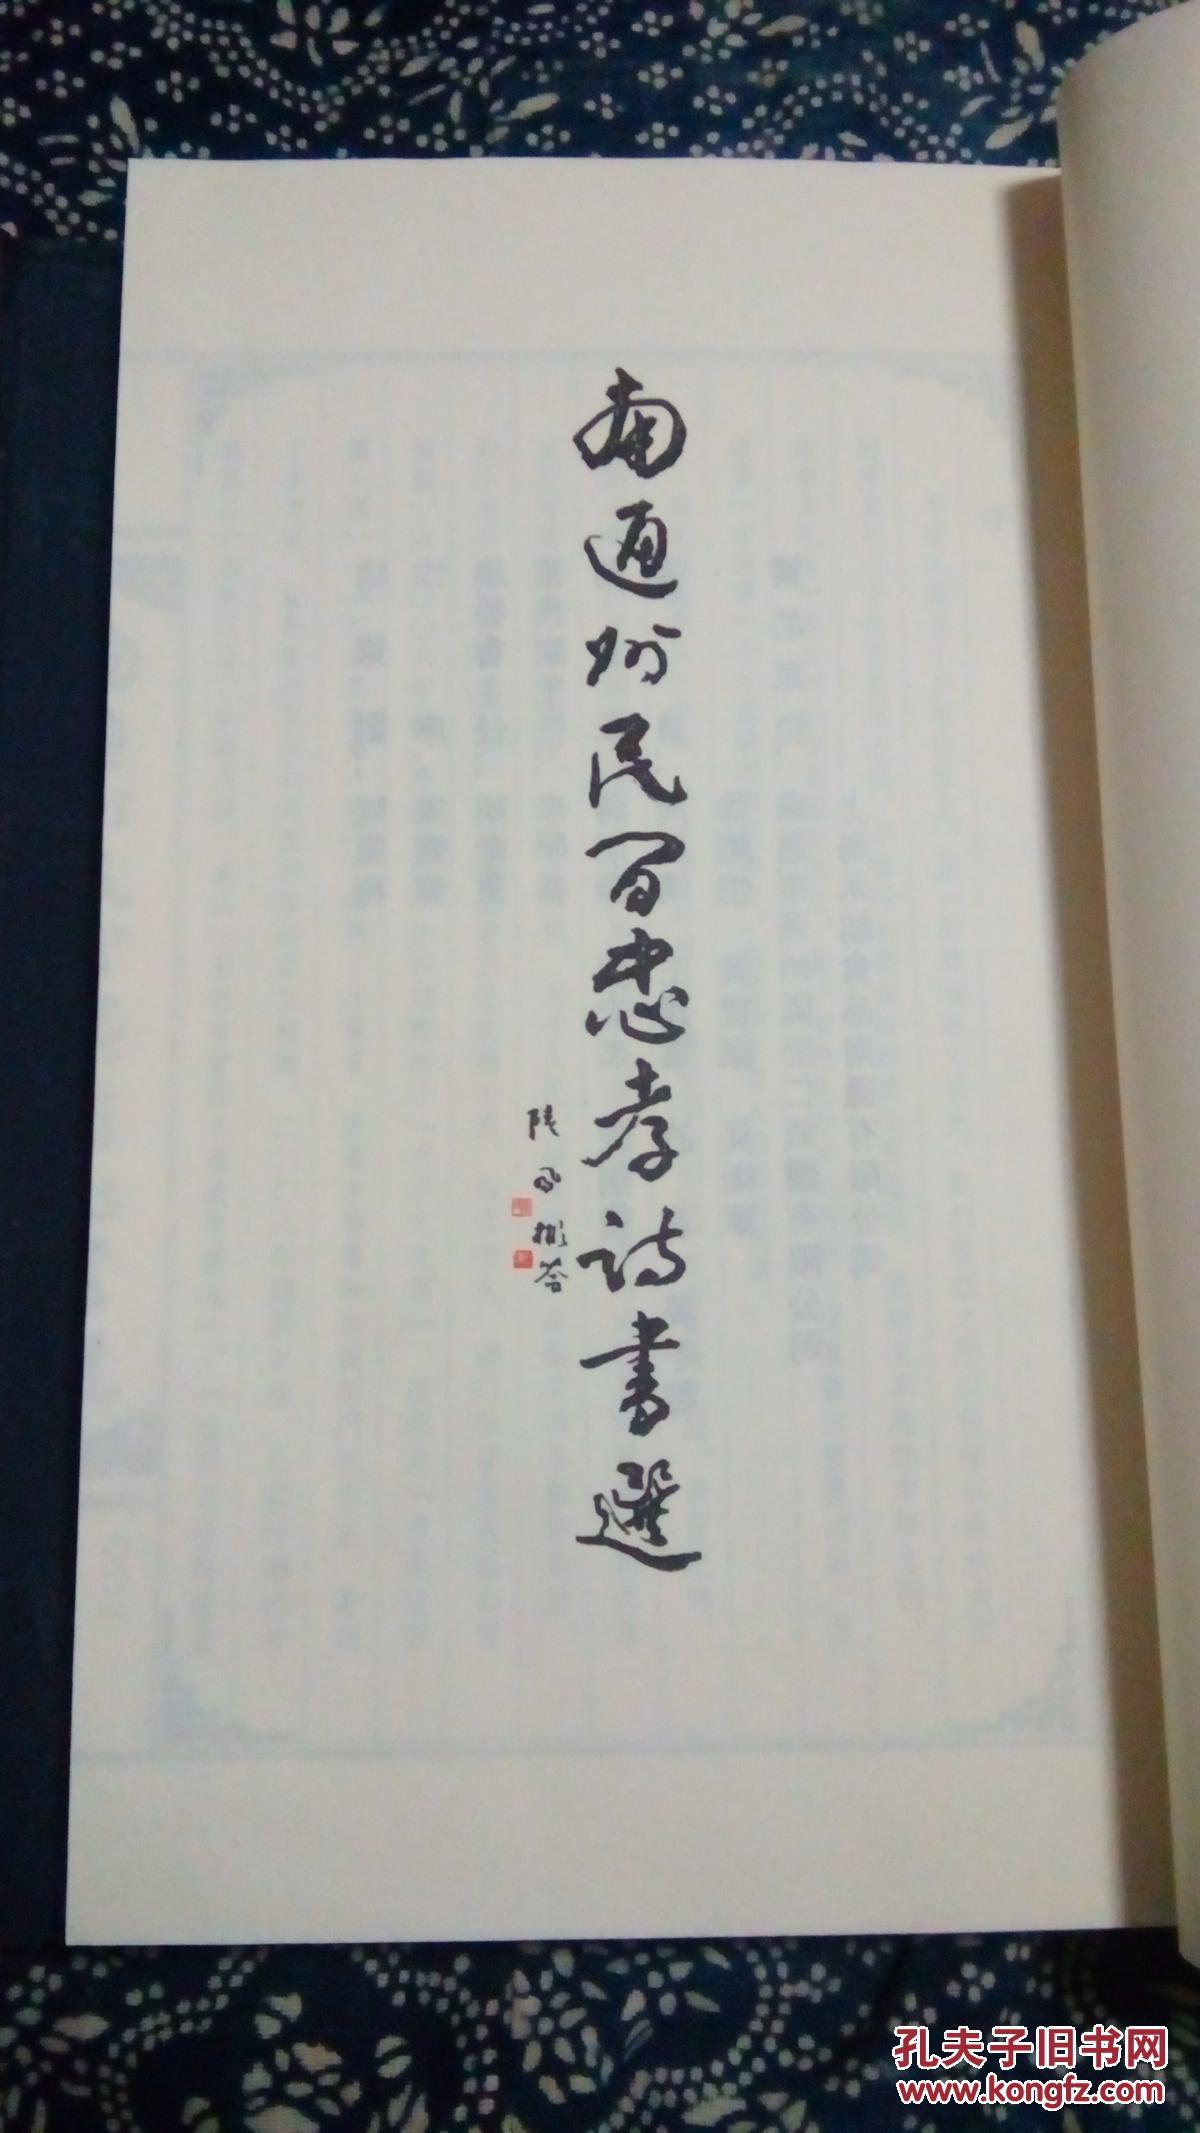 商品描述:                       南通通州忠孝文化园